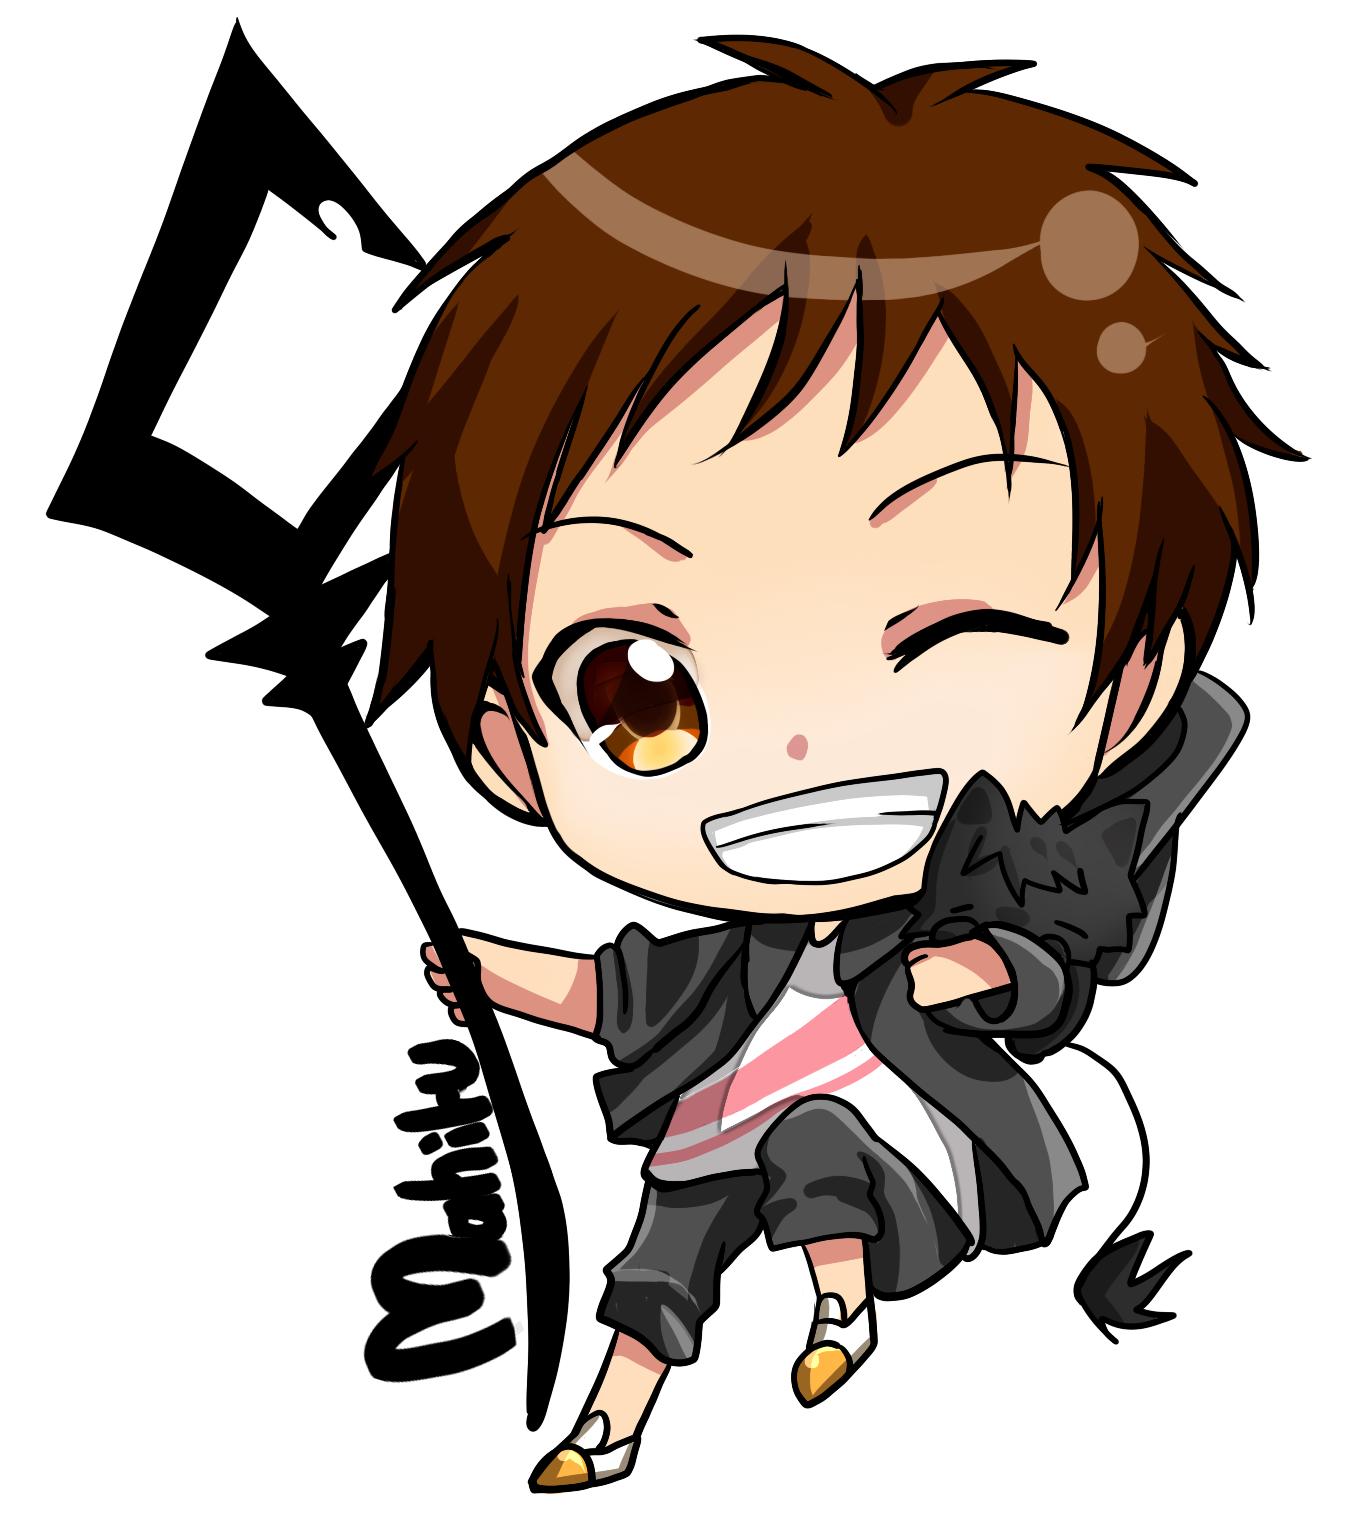 Hình ảnh chibi anime boy cực đẹp